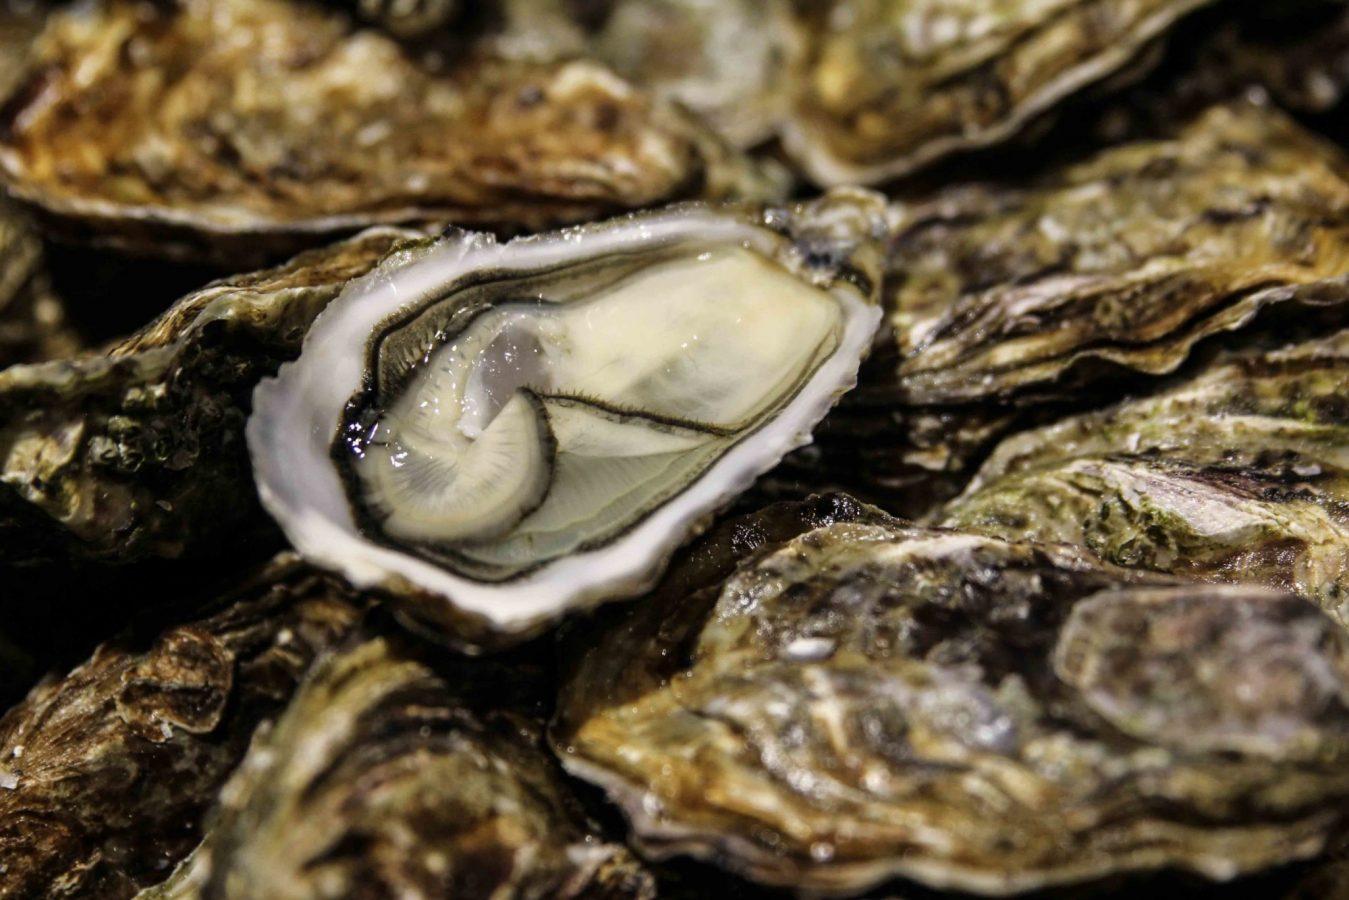 Huîtres fines de claires - Peponnet - Marennes d'Oléron